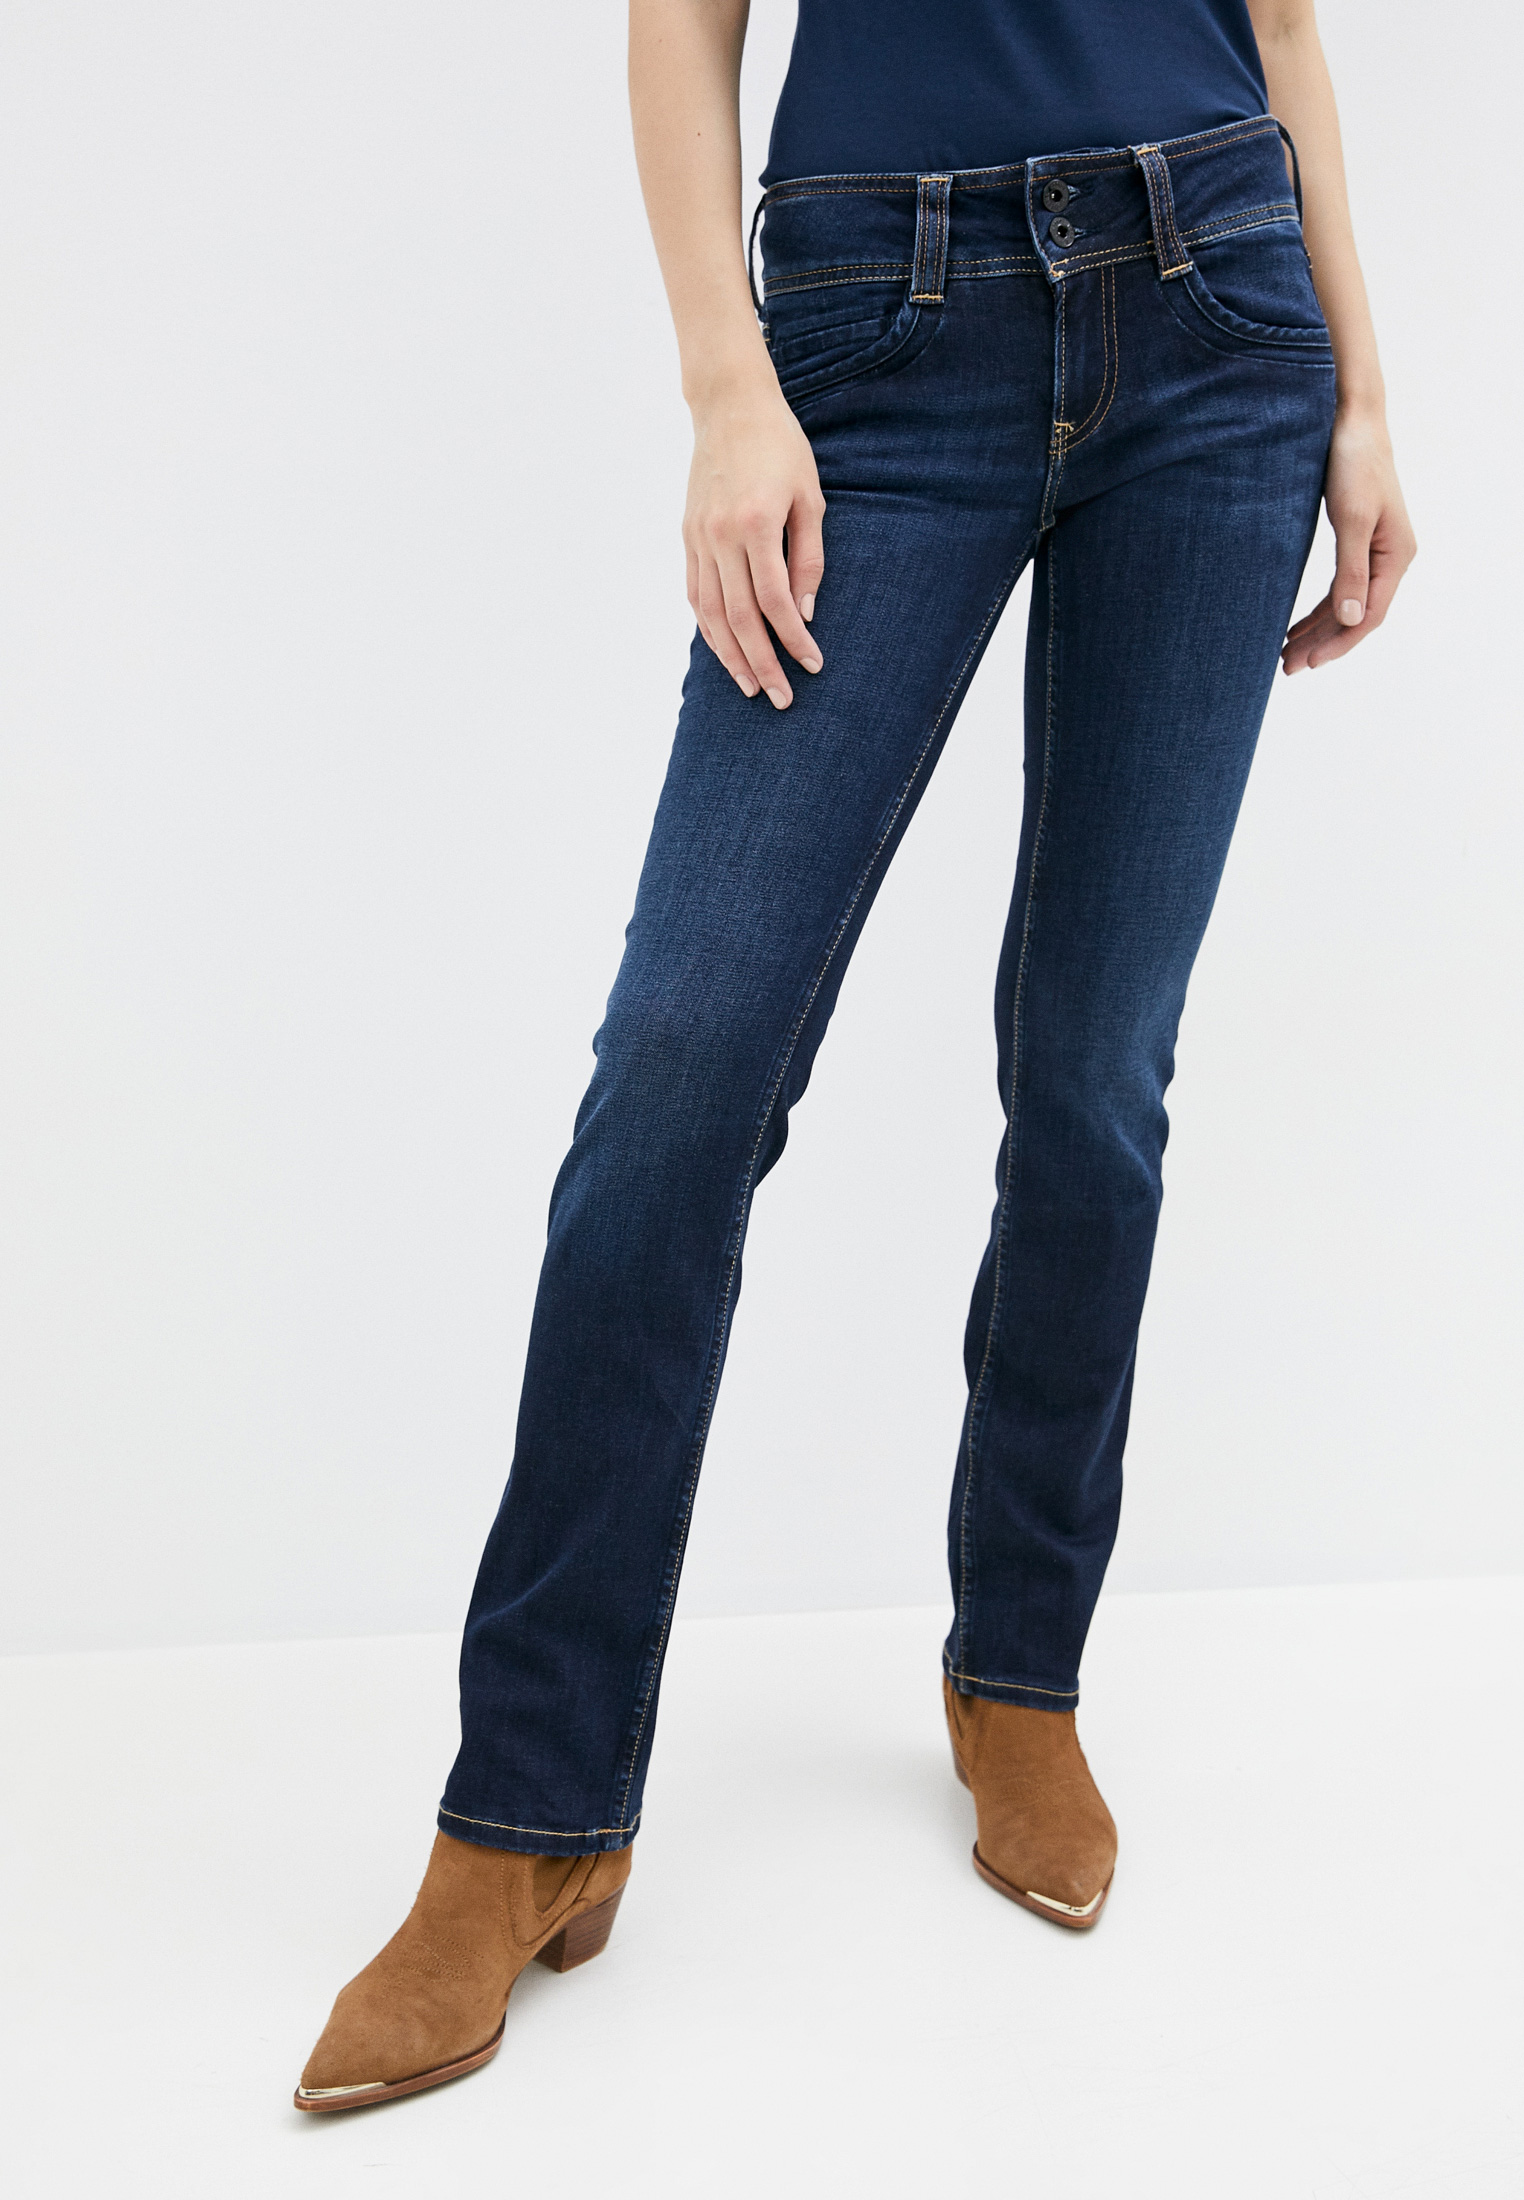 Прямые джинсы Pepe Jeans (Пепе Джинс) PL201157H06: изображение 1